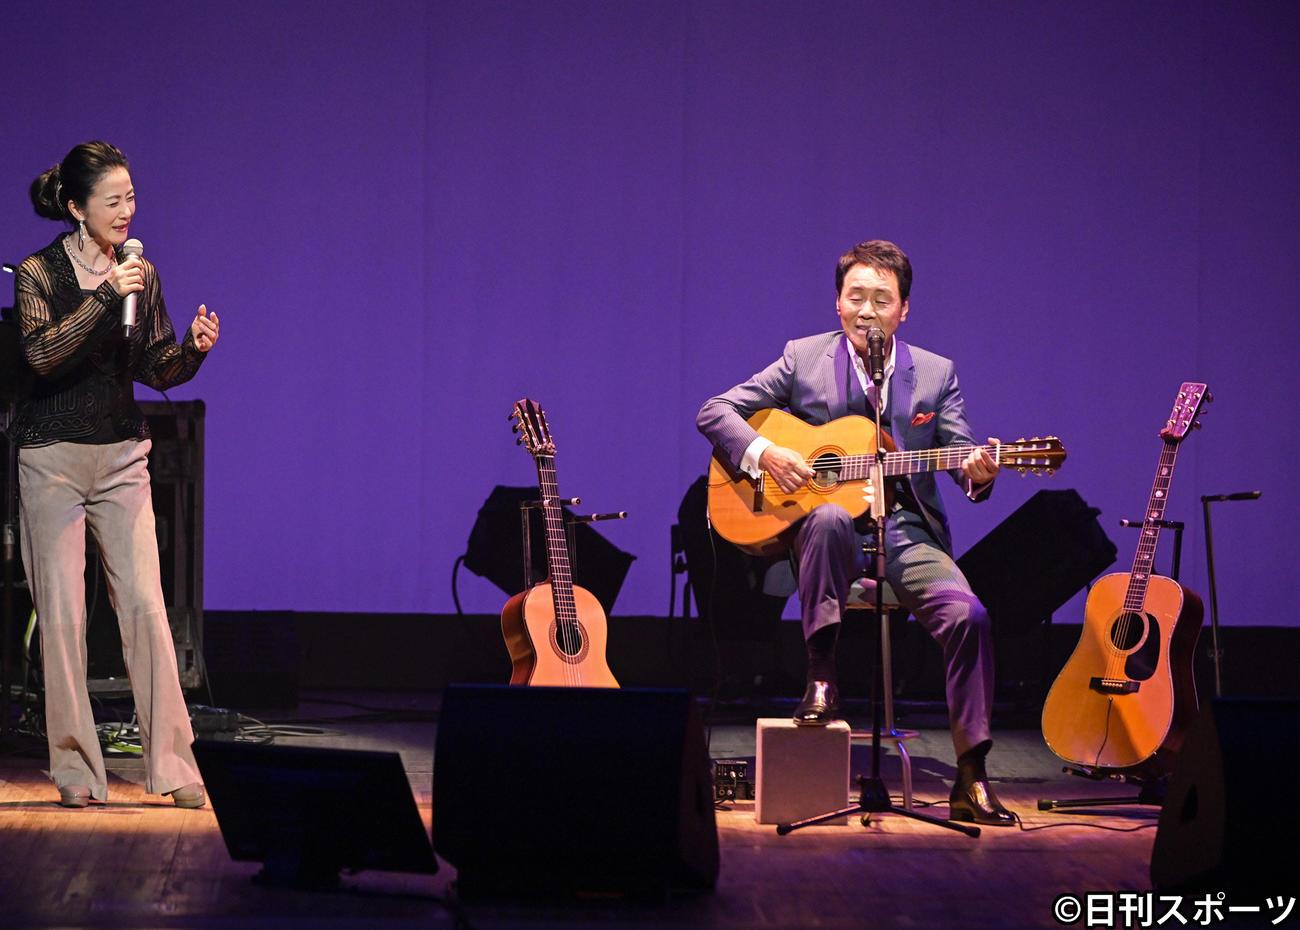 ソーシャルディスタンスコンサート「ITSUKIモデル 弾き語りライブ」で歌う五木ひろし(右)とゲストの坂本冬美(2020年9月1日撮影)